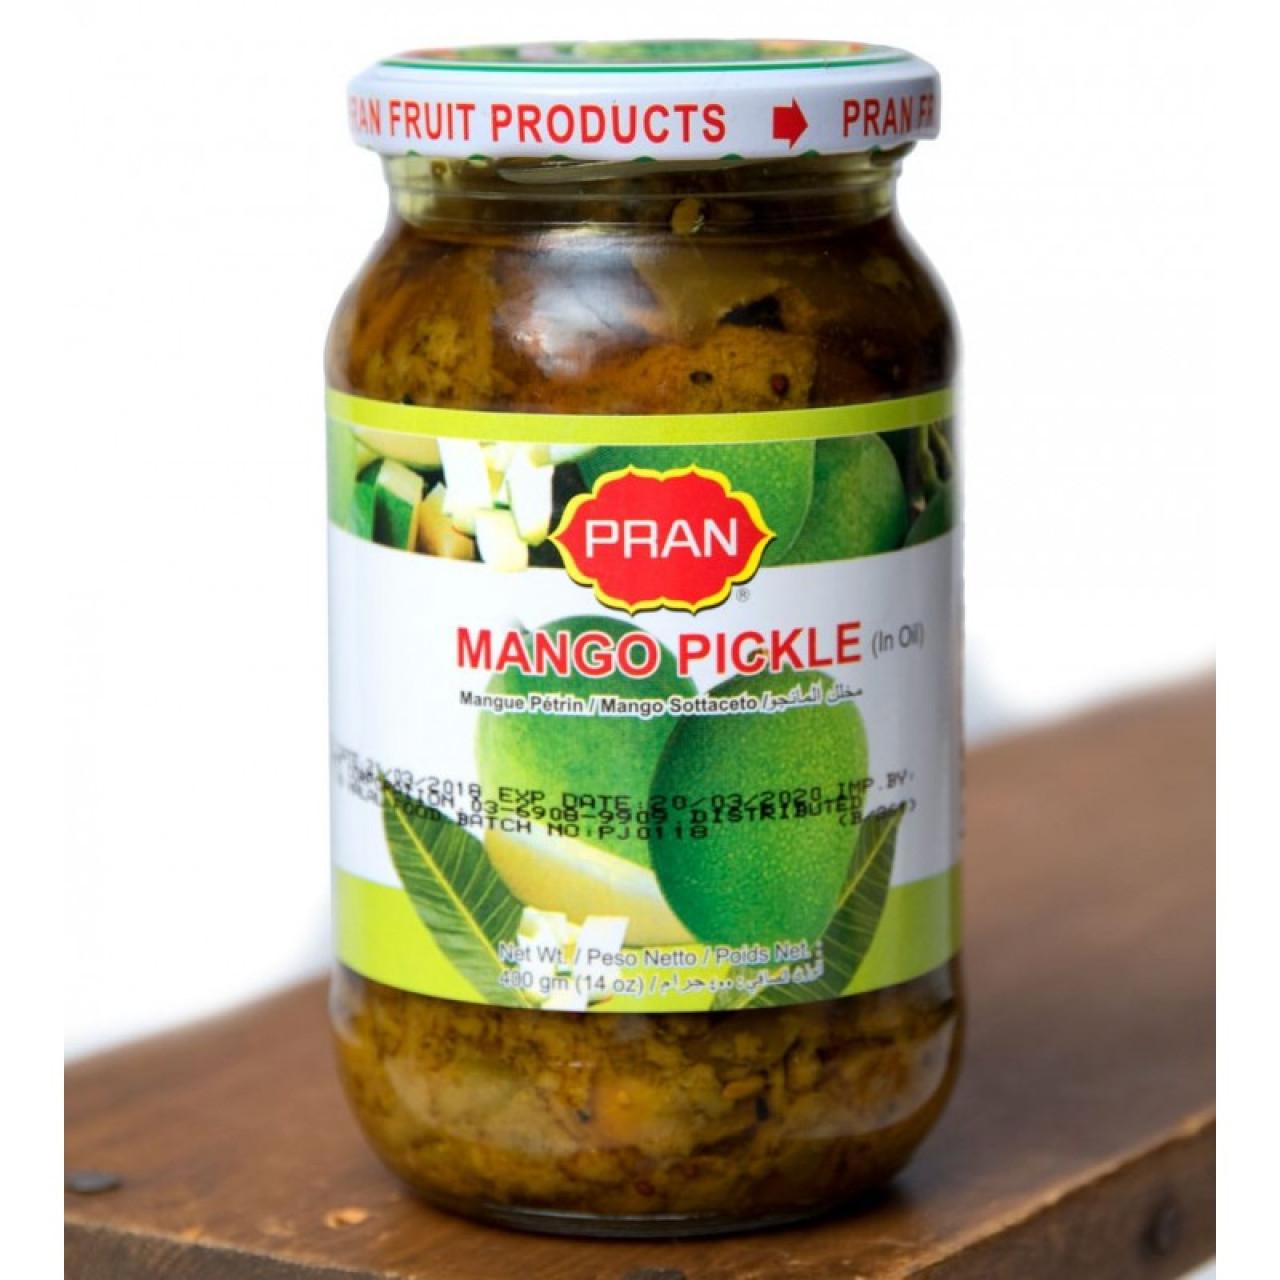 Pran Mango Pickle-JBN